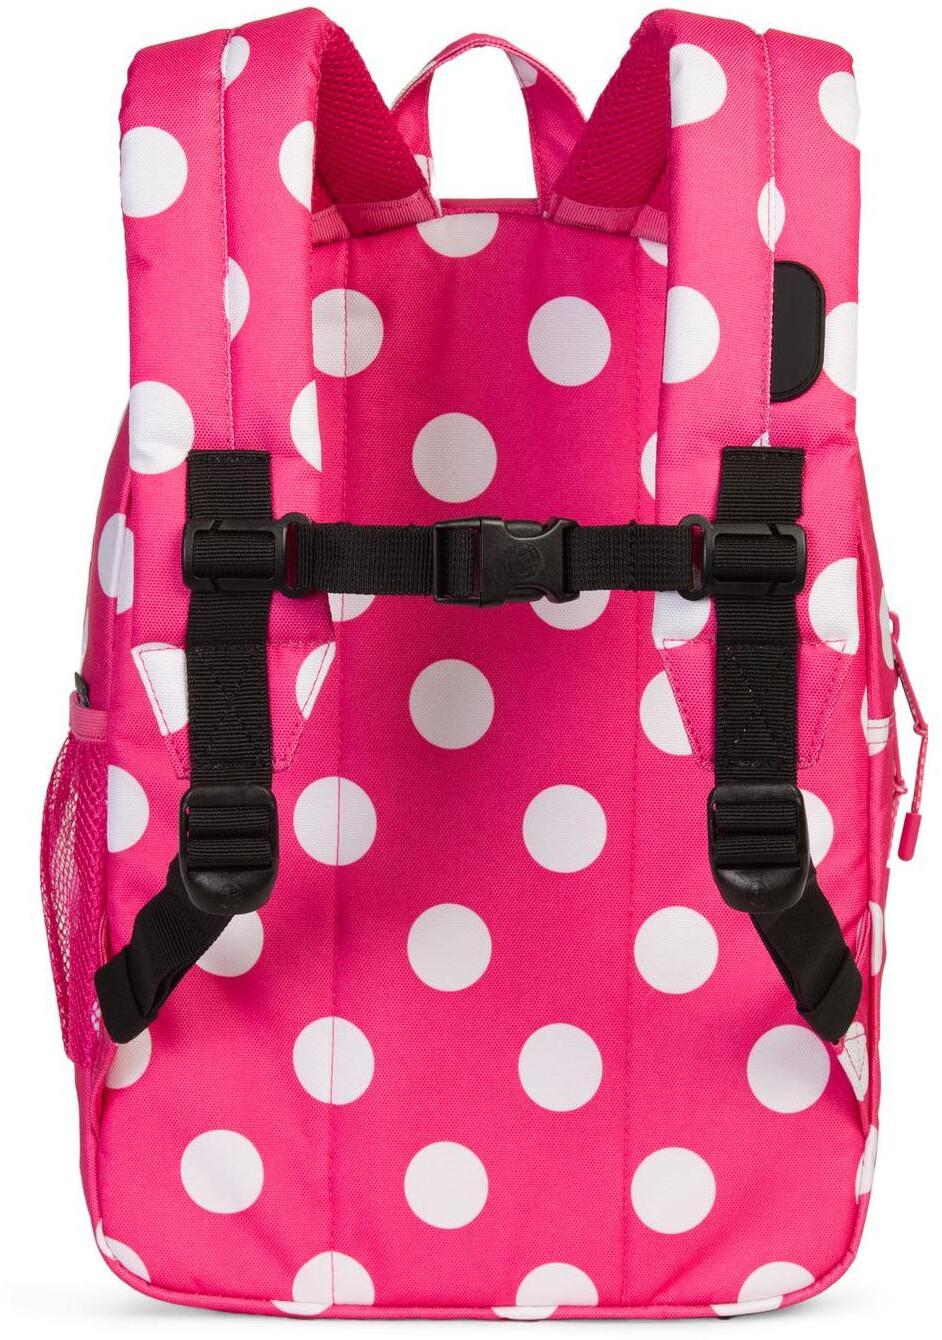 3751006f800 Herschel Heritage Rygsæk Børn pink | Find outdoortøj, sko & udstyr ...